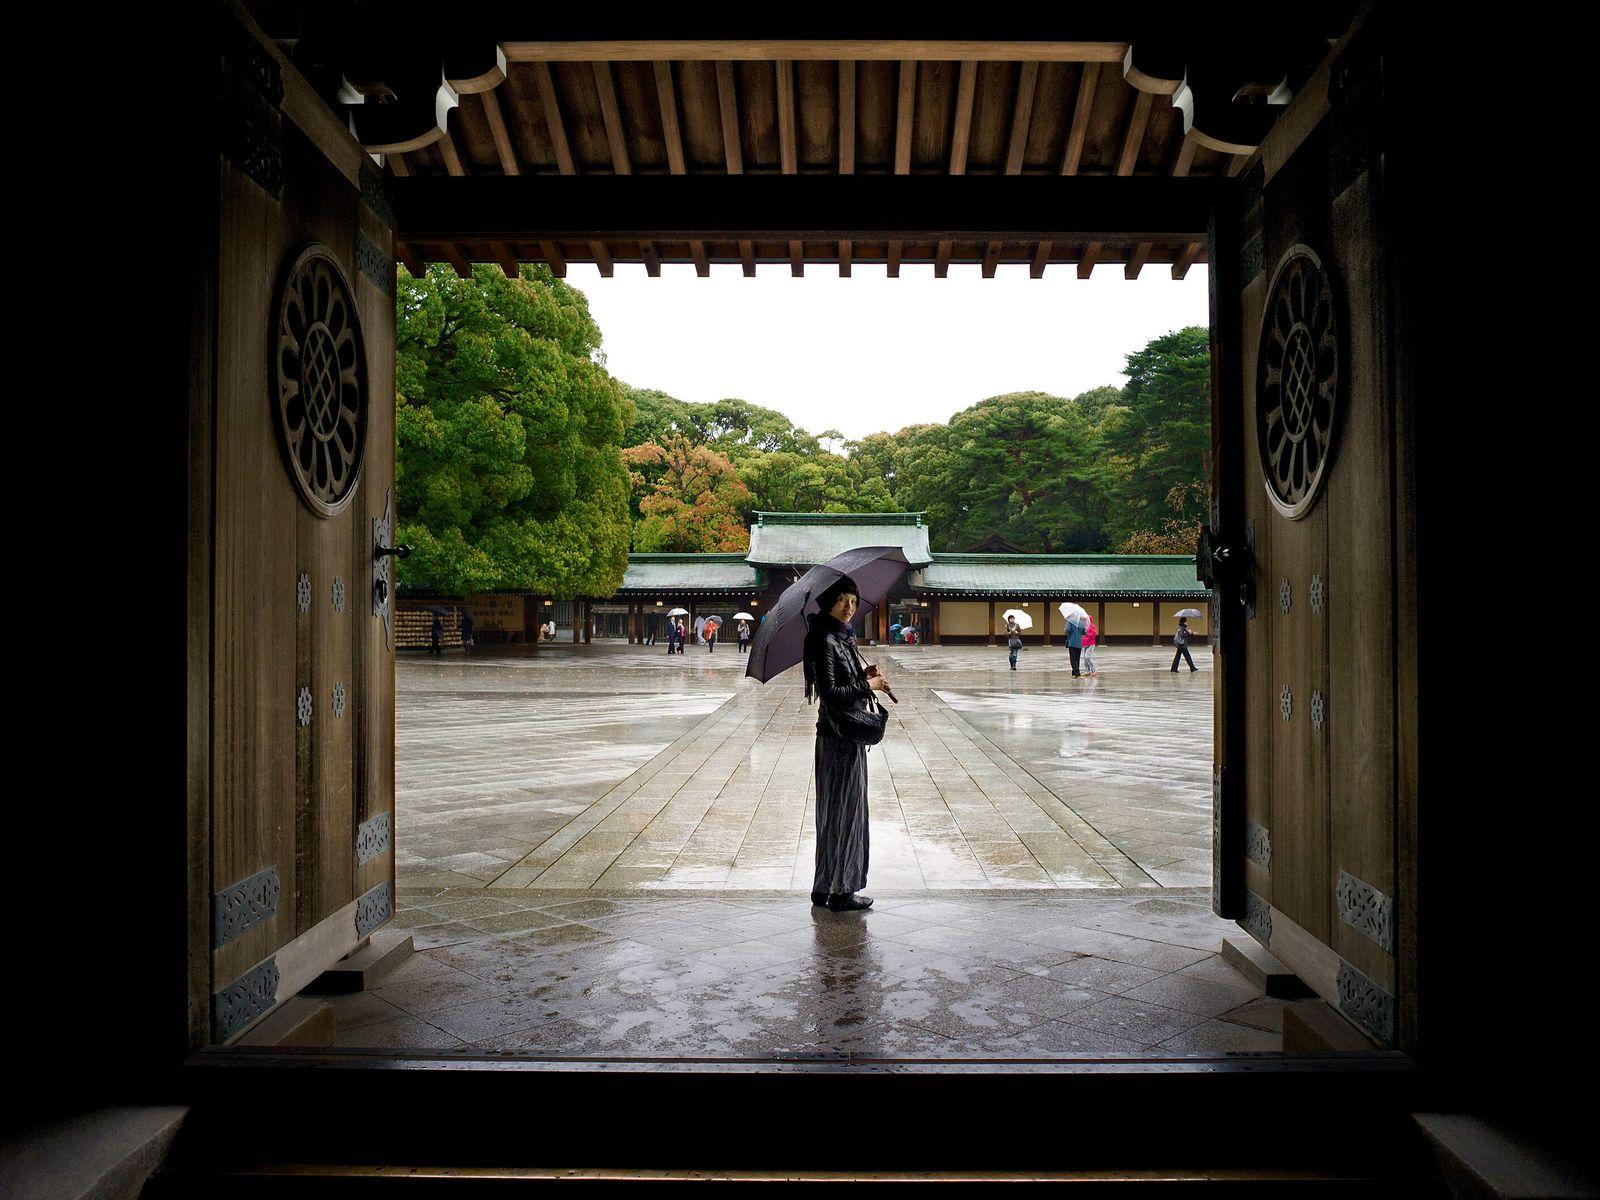 A traditional doorway at the Meiji Jingu shrine in Shibuya.